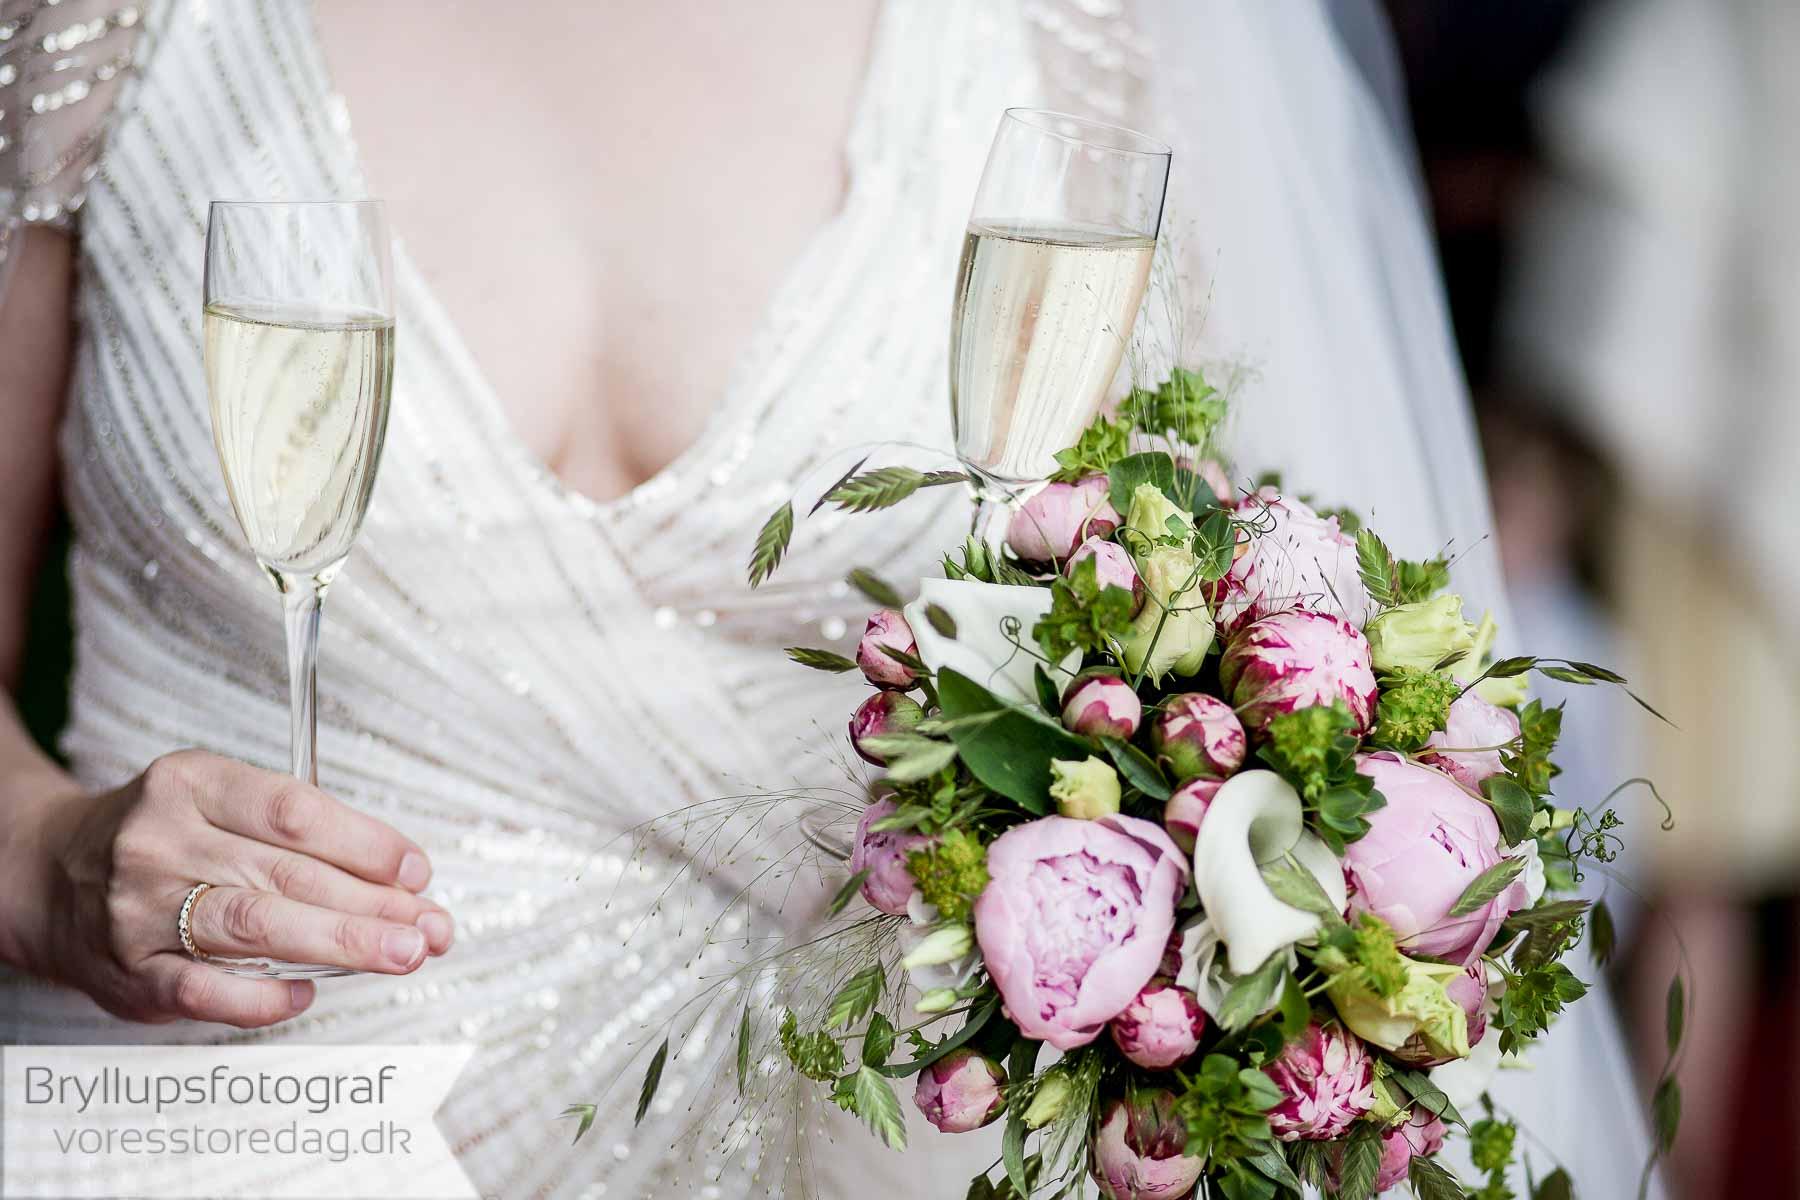 Kærlighed er nøgleordet ved ethvert bryllup